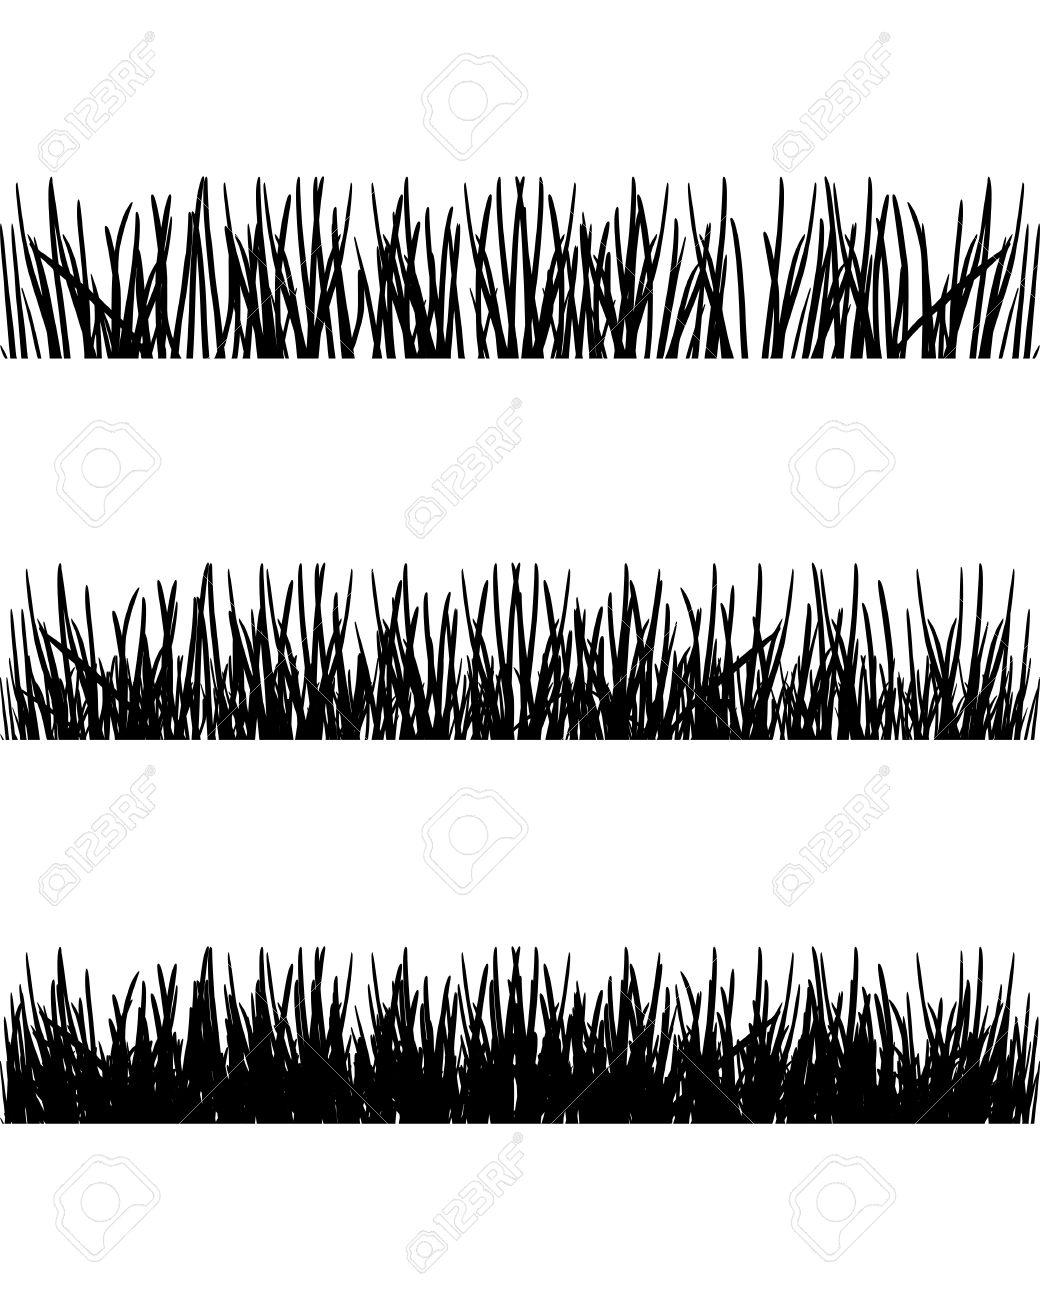 Grass Outline Vector grass silhouette  Grass